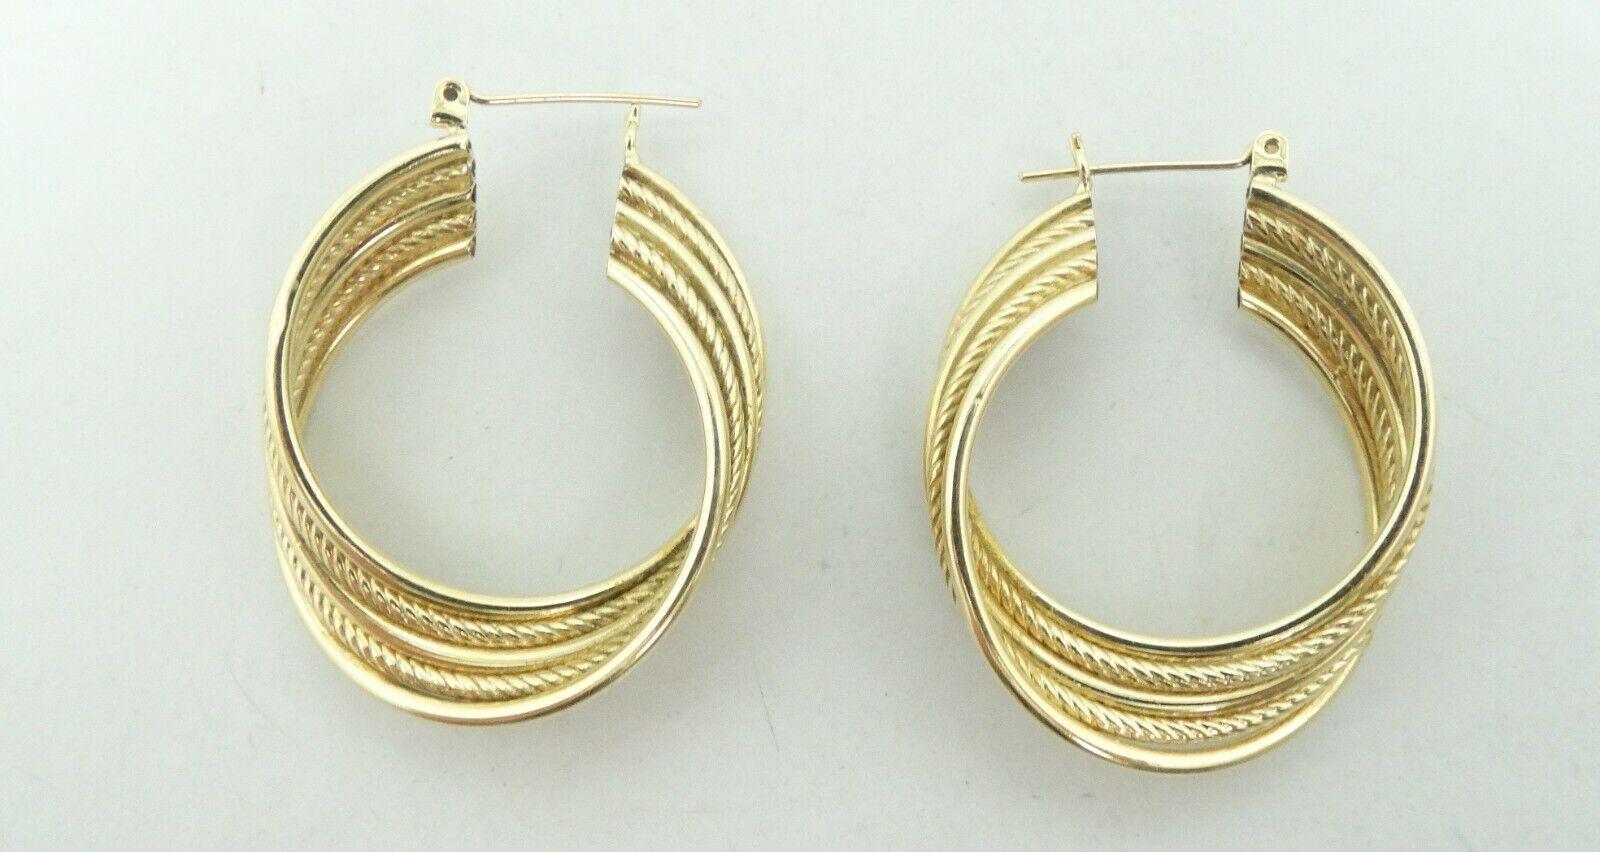 Elegant 14K Ygold 5 Tube Smooth & Rope Twisted Hoop Earrings 1.4  6.4g D8657